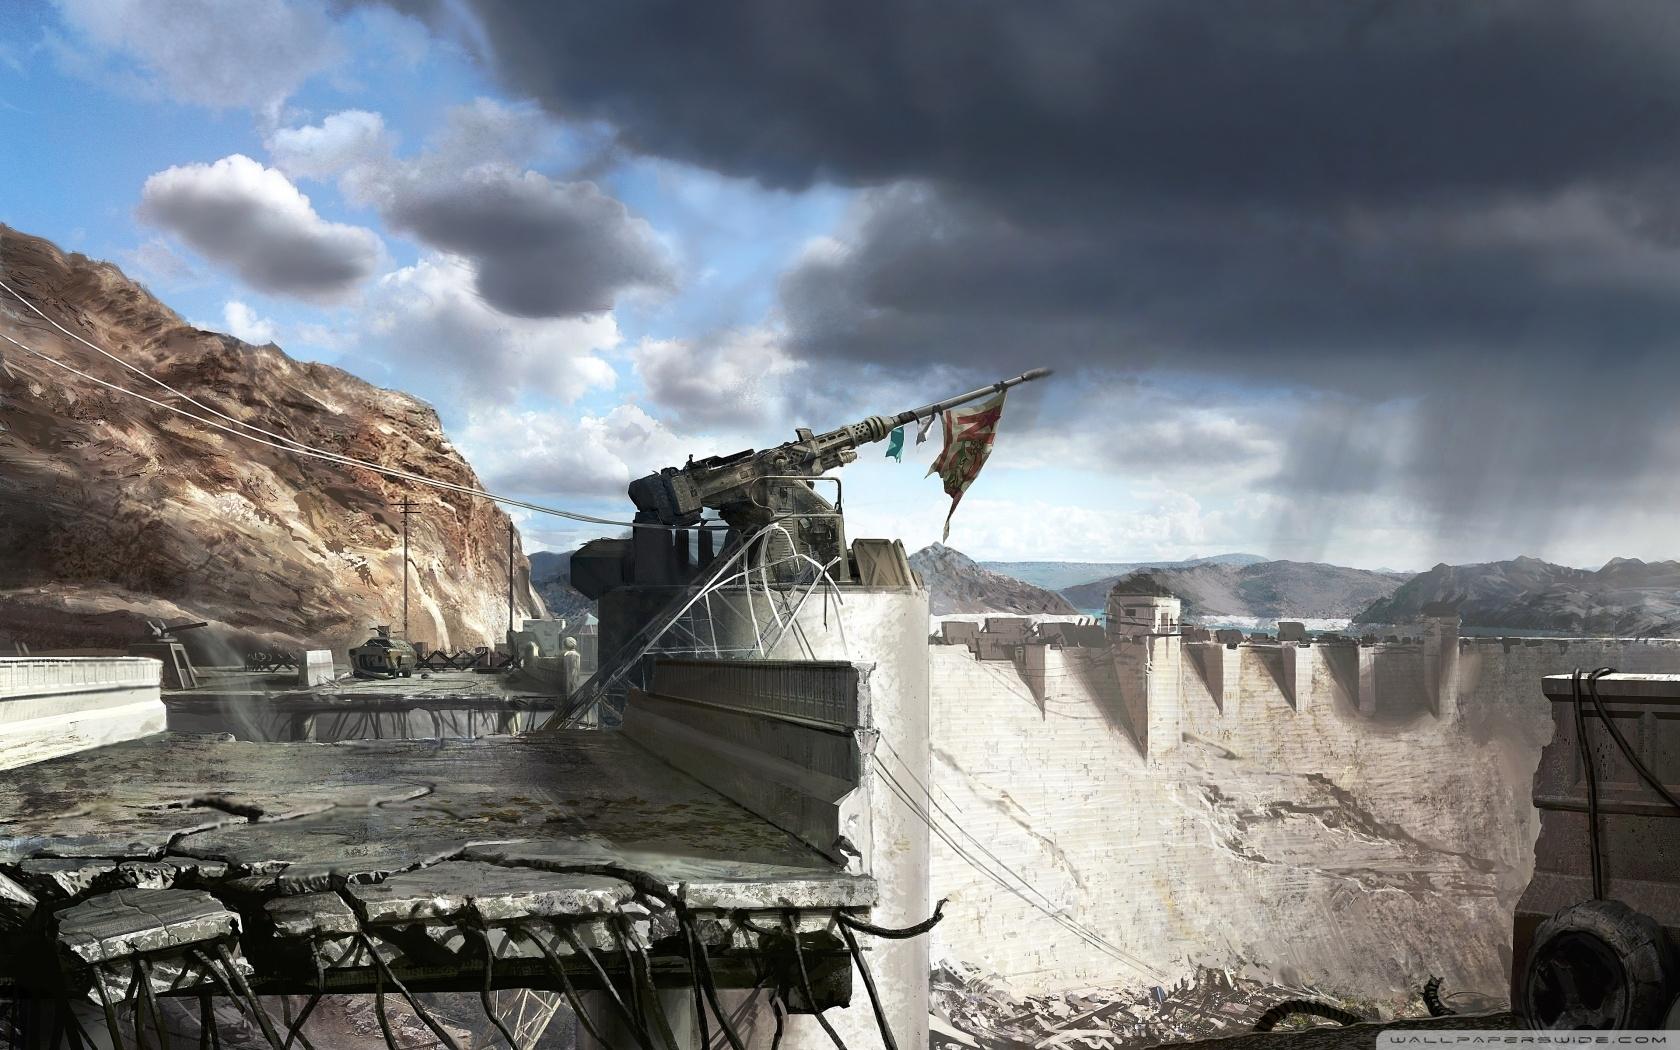 fallout new vegas hoover dam concept art ❤ 4k hd desktop wallpaper